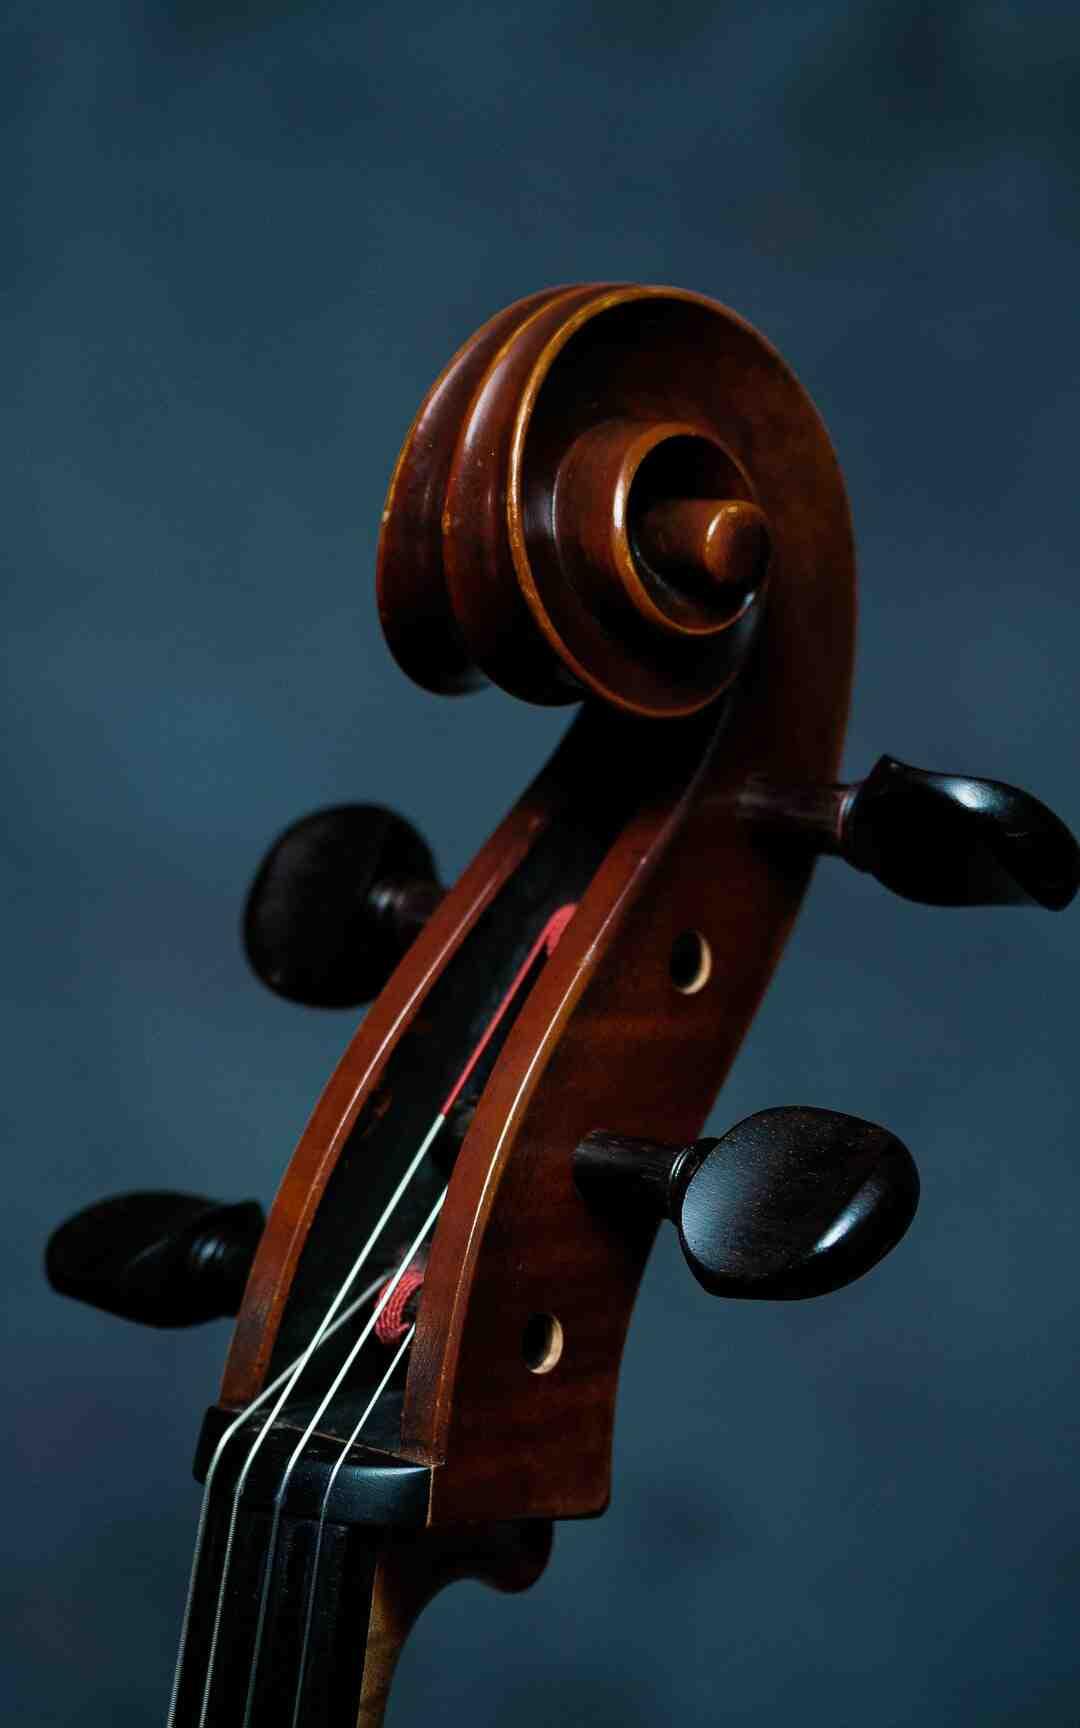 ¿Qué signos y figuras musicales se usan en una partitura?